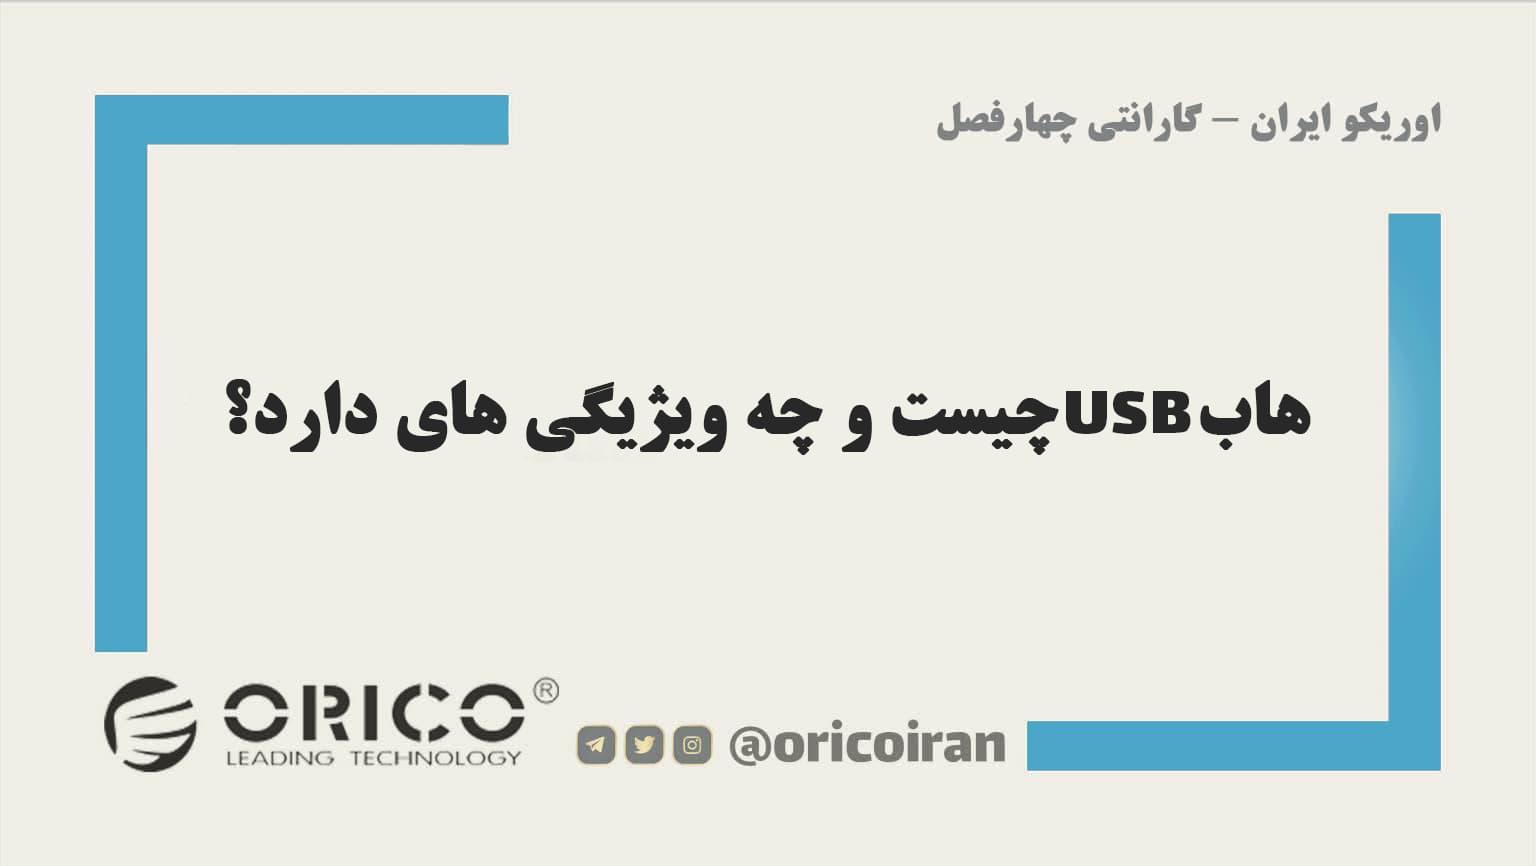 هاب USB چیست و چه ویژیگی های دارد؟